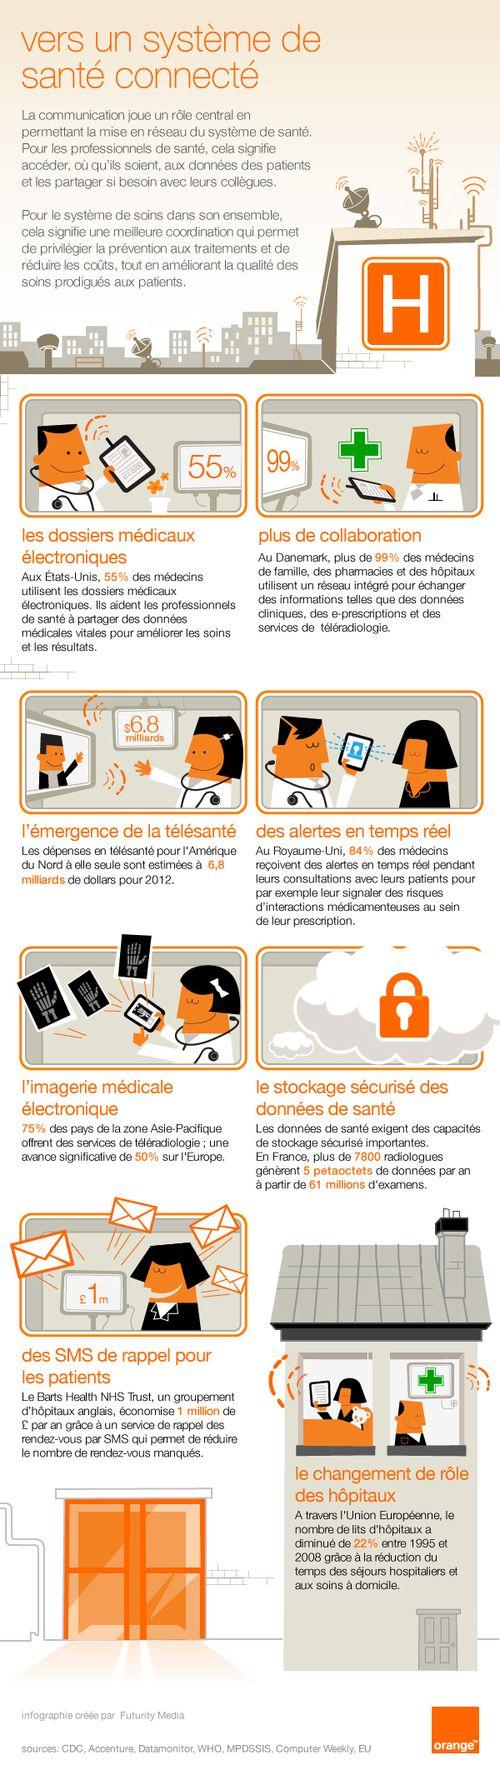 Orange Healthcare - vers un système de santé connecté - DbtMobile.